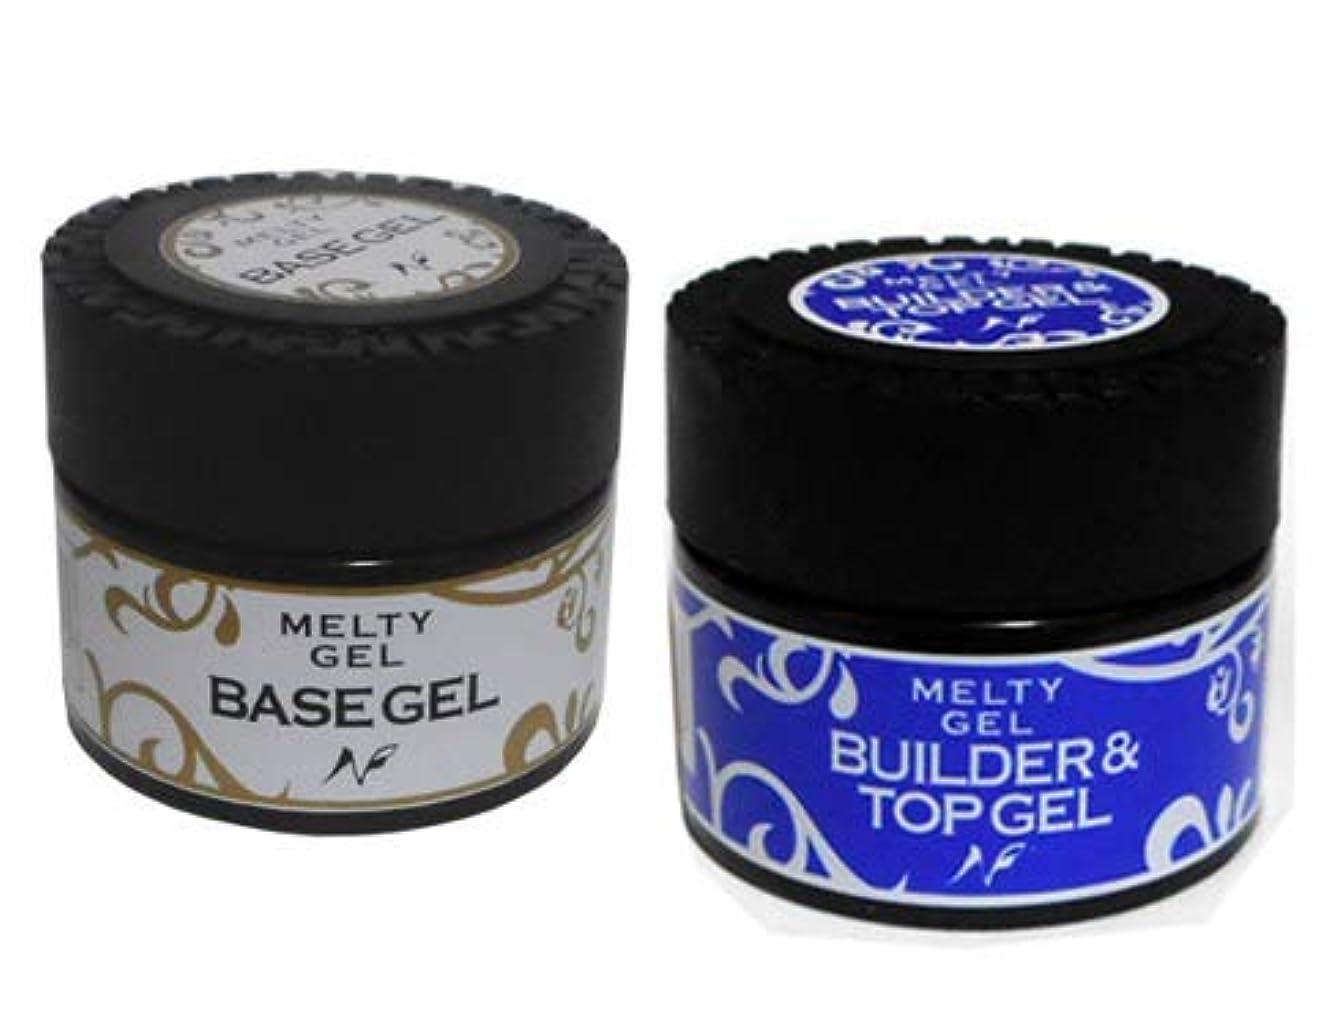 ジャーナルサークル透過性Melty Gel ベースジェル 14g UV/LED対応 + ビルダー&トップジェル UV/LED対応 セット